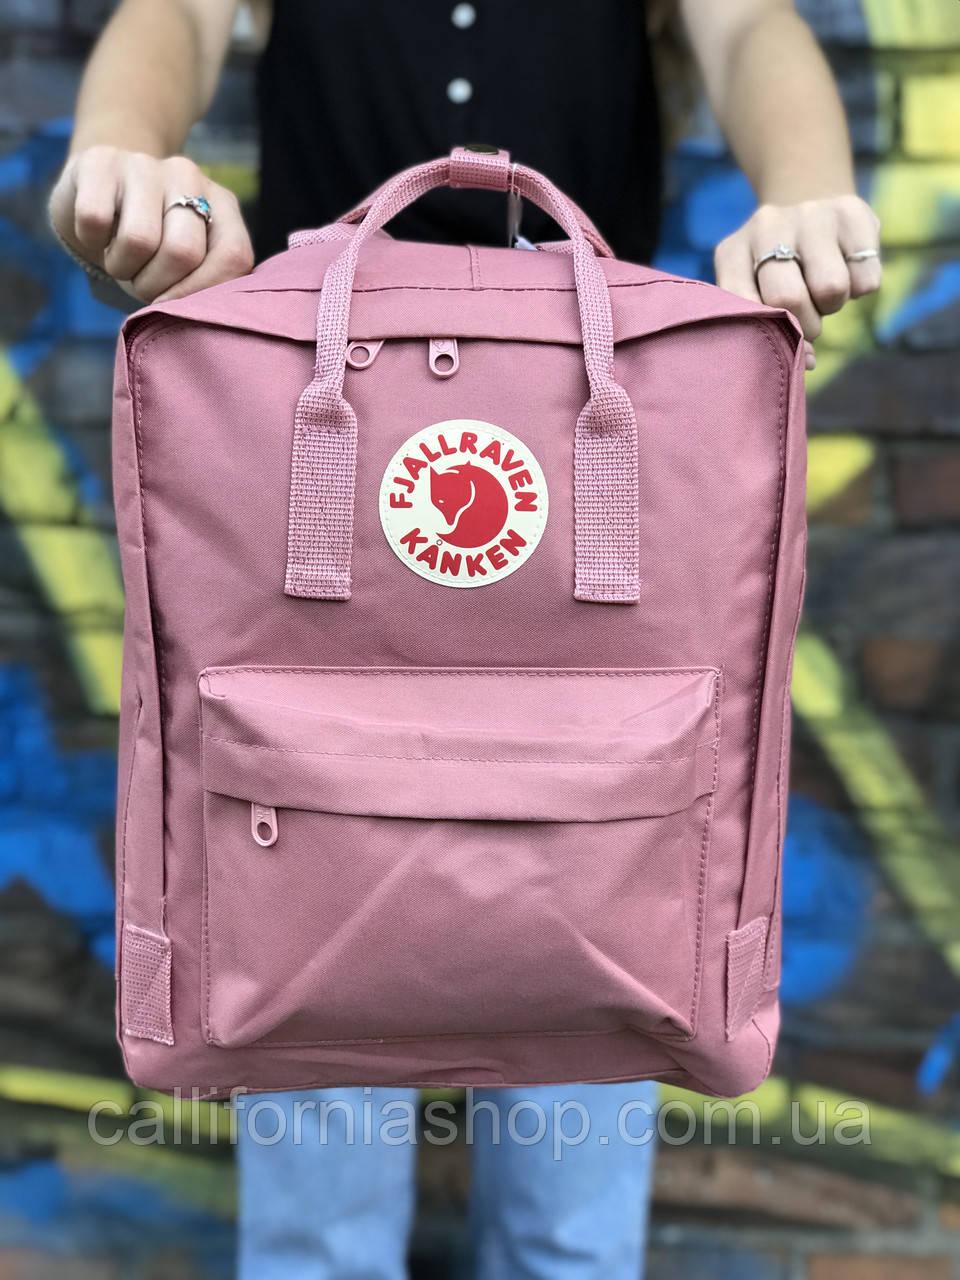 Рюкзак Fjallraven Kanken Classic розовый на 16 литров Канкен классик светоотражающий логотип